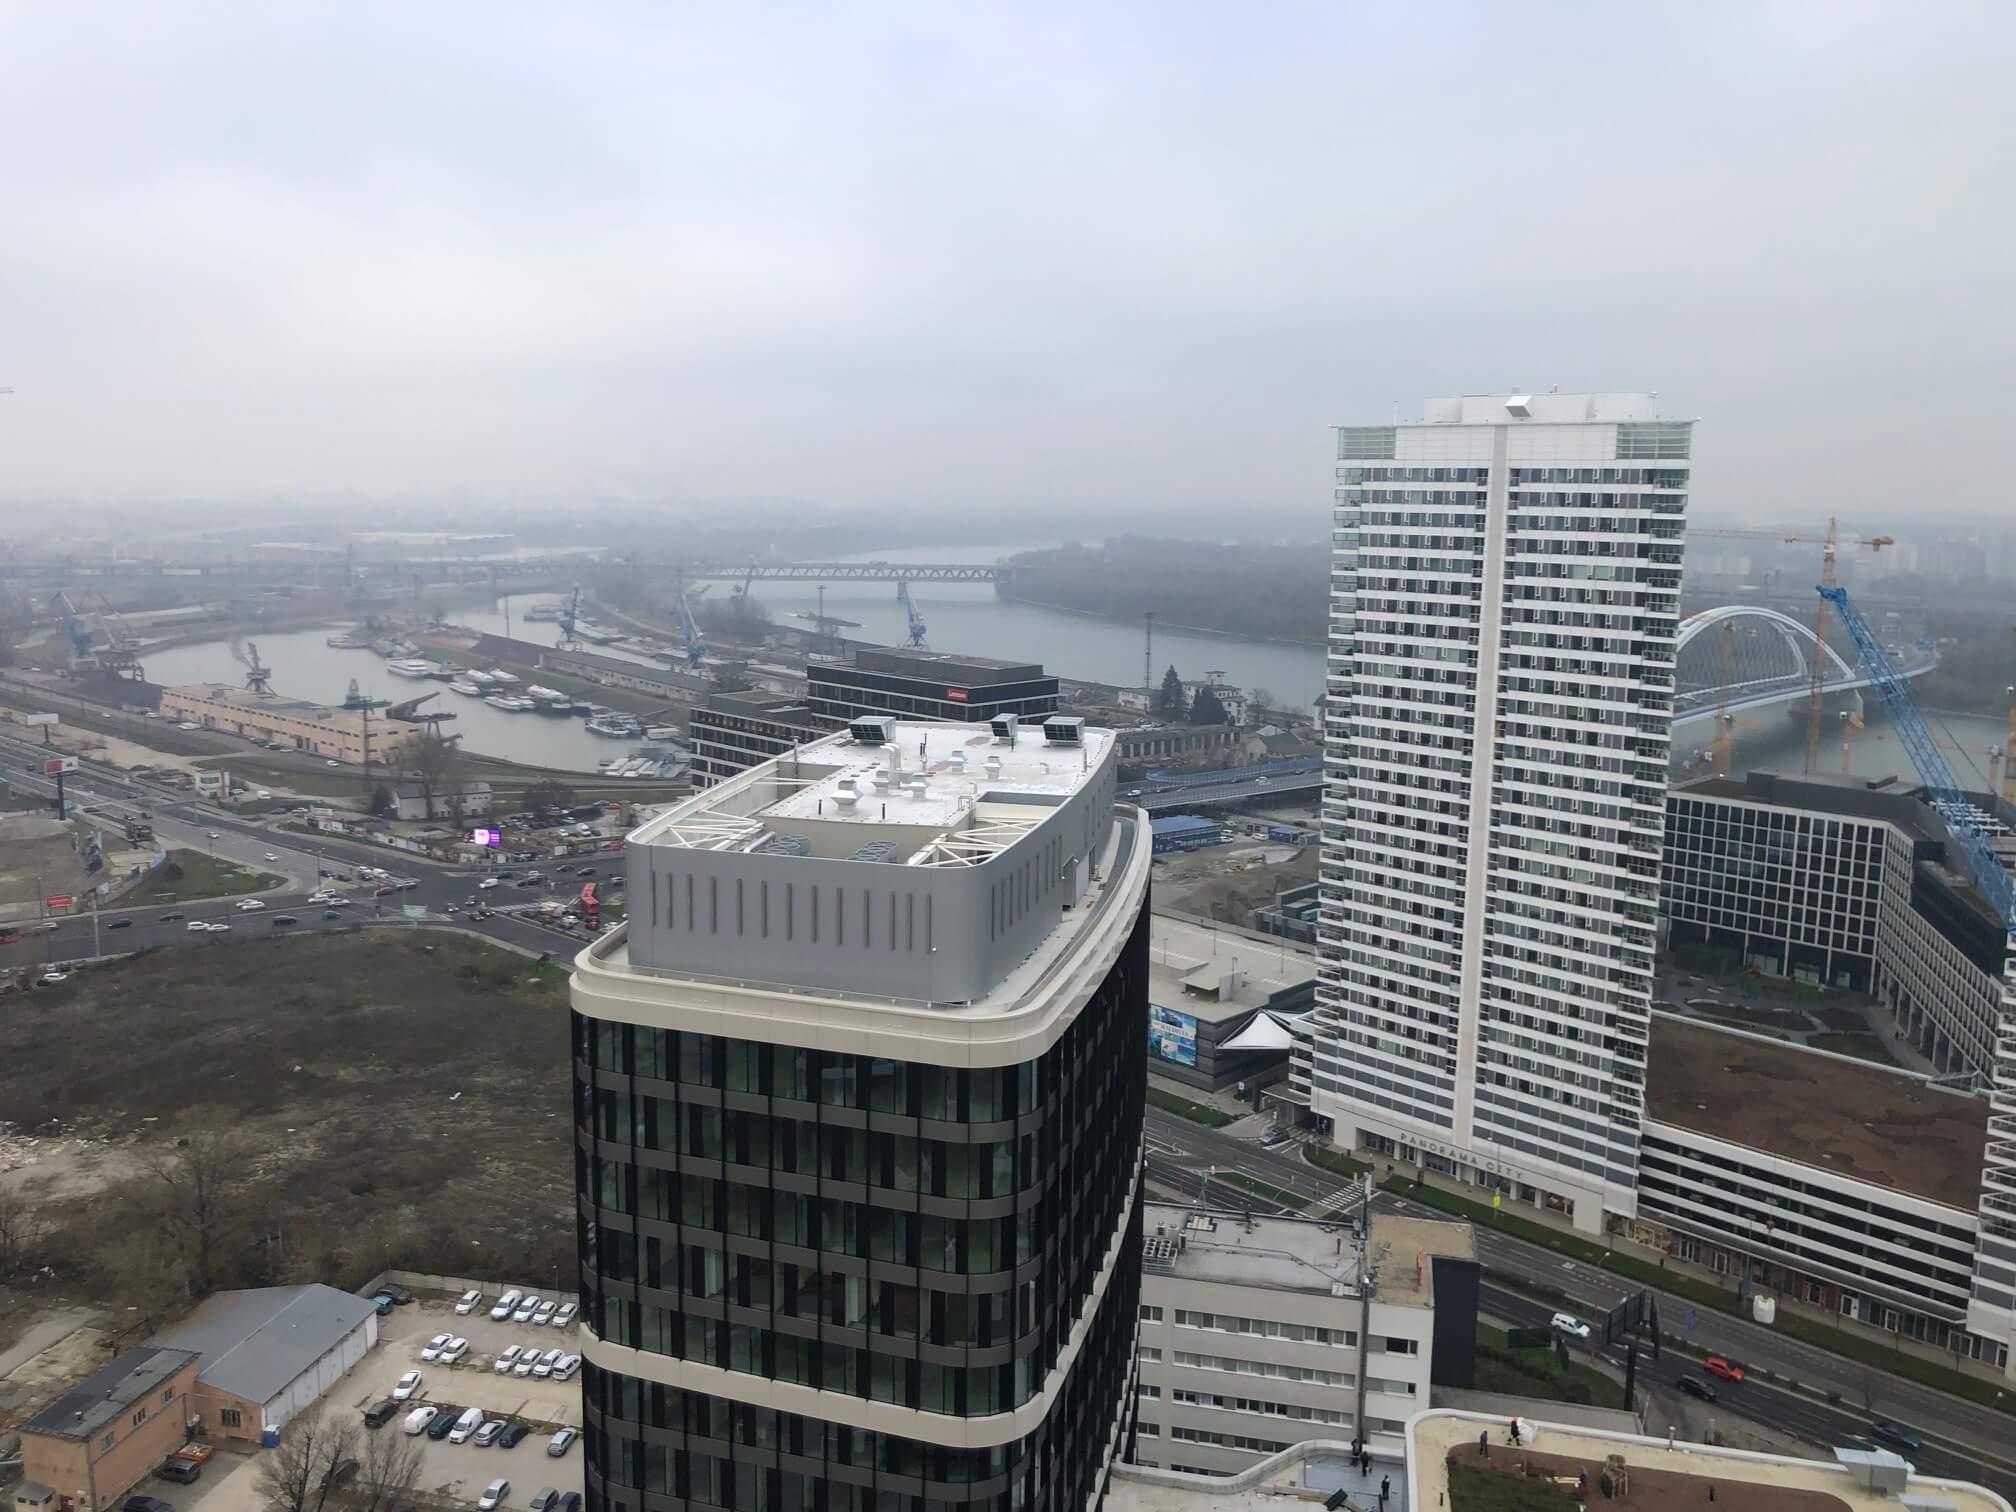 2 izbový byt v Sky parku, I Veža, 6 nadzemné podlažie, úžitková 46,28 m2 ,Loggia 4,75m2, parkovanie-4